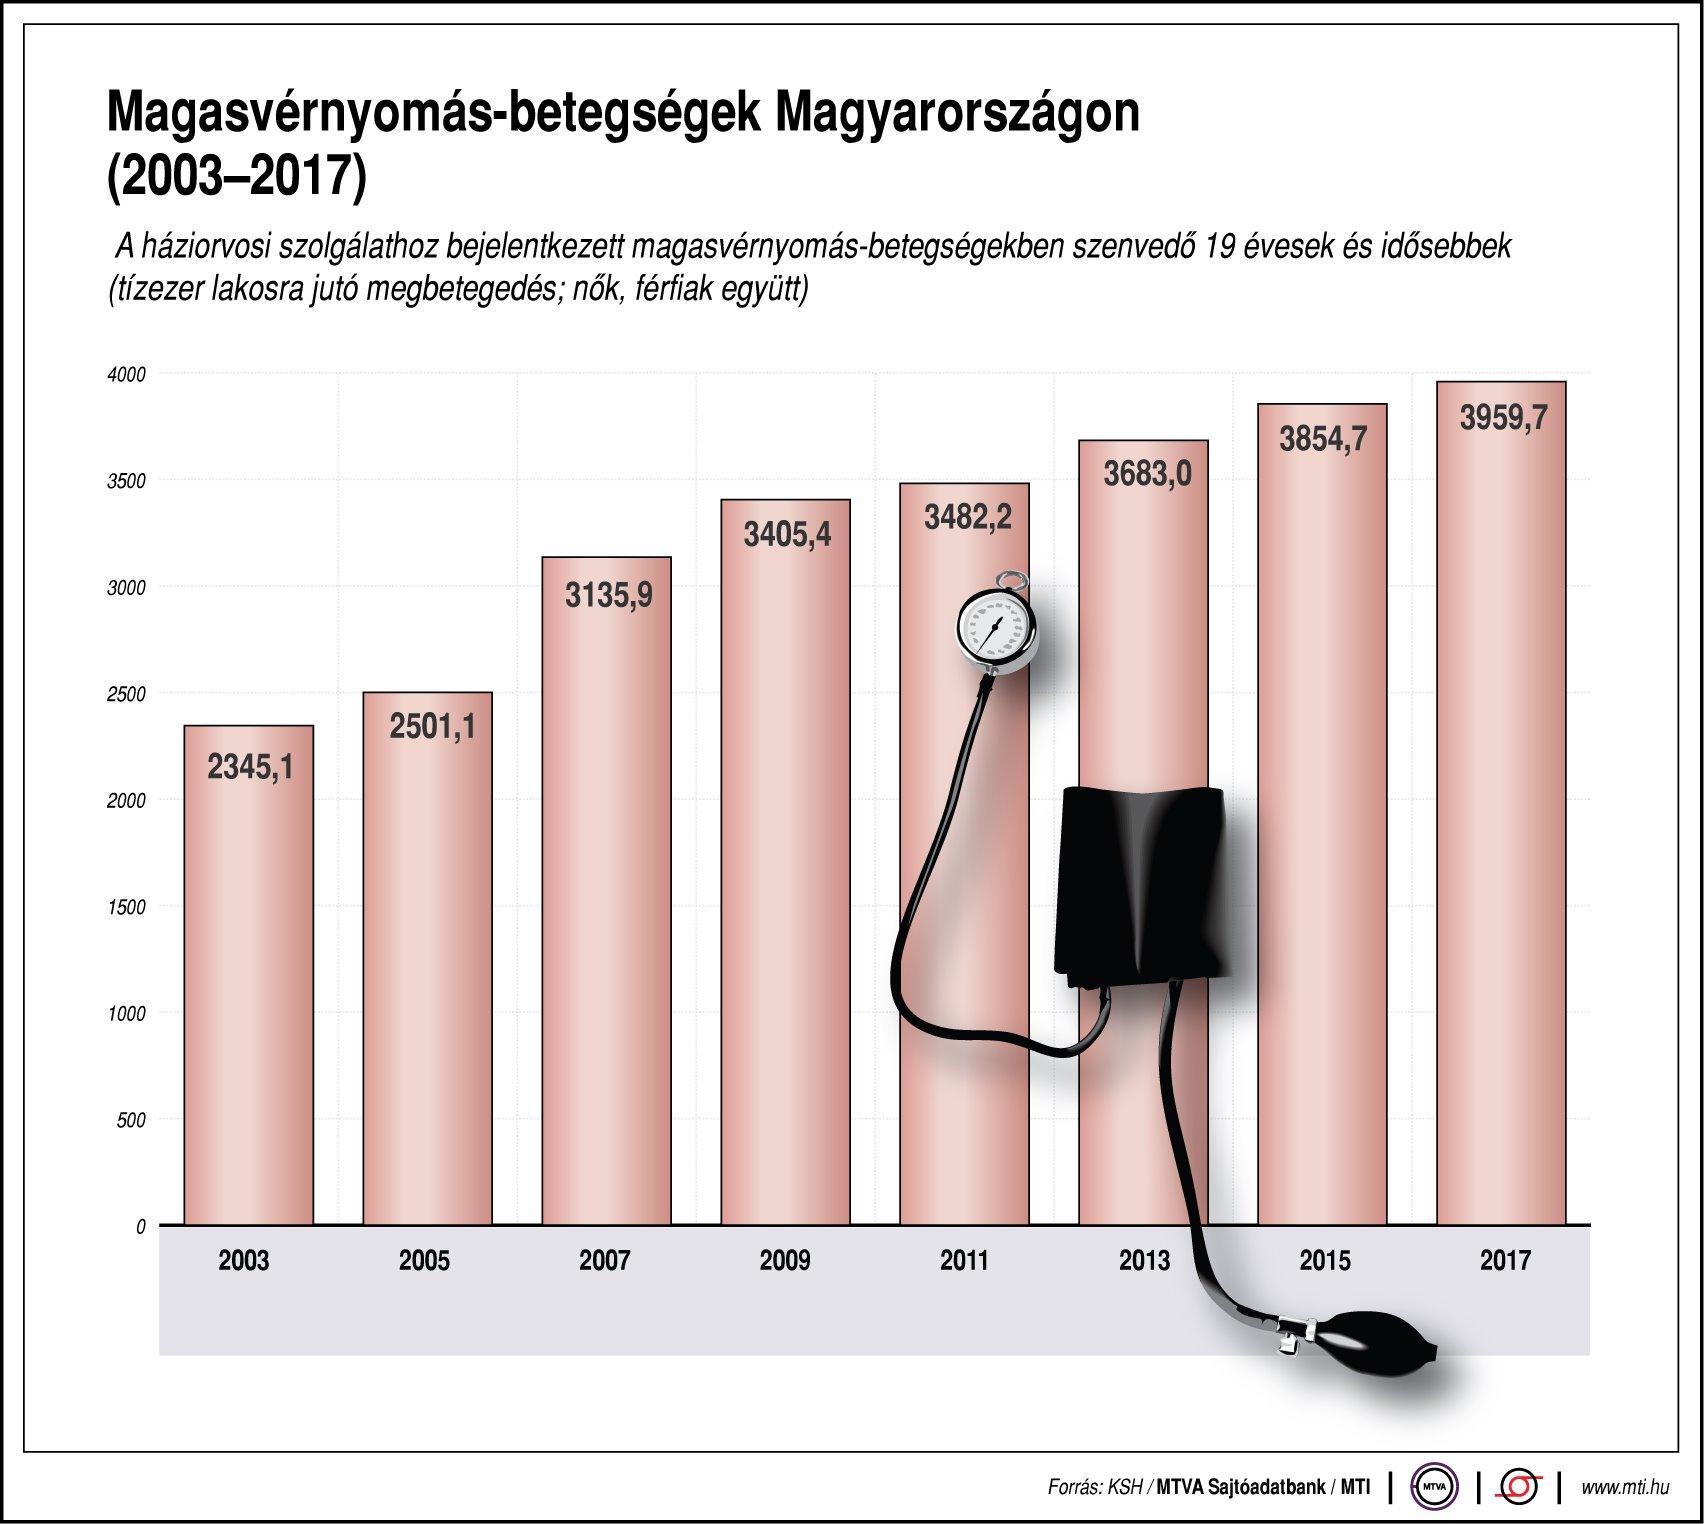 a magas vérnyomás orvosi kézikönyve